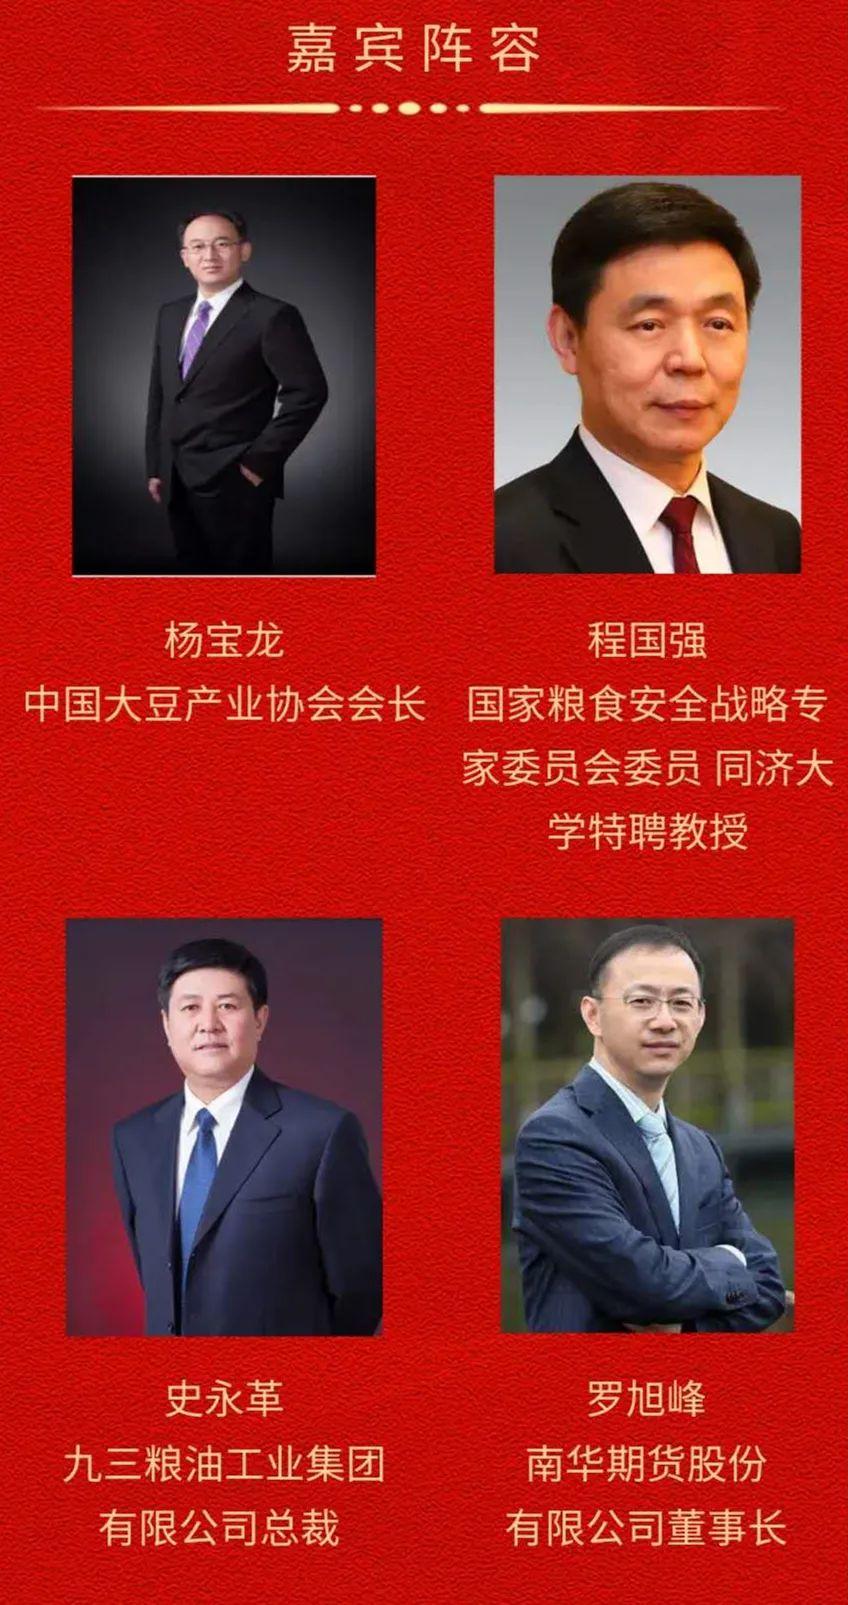 《第五届中国大豆产业国际高峰论坛》倒计时8天,余位有限!!!